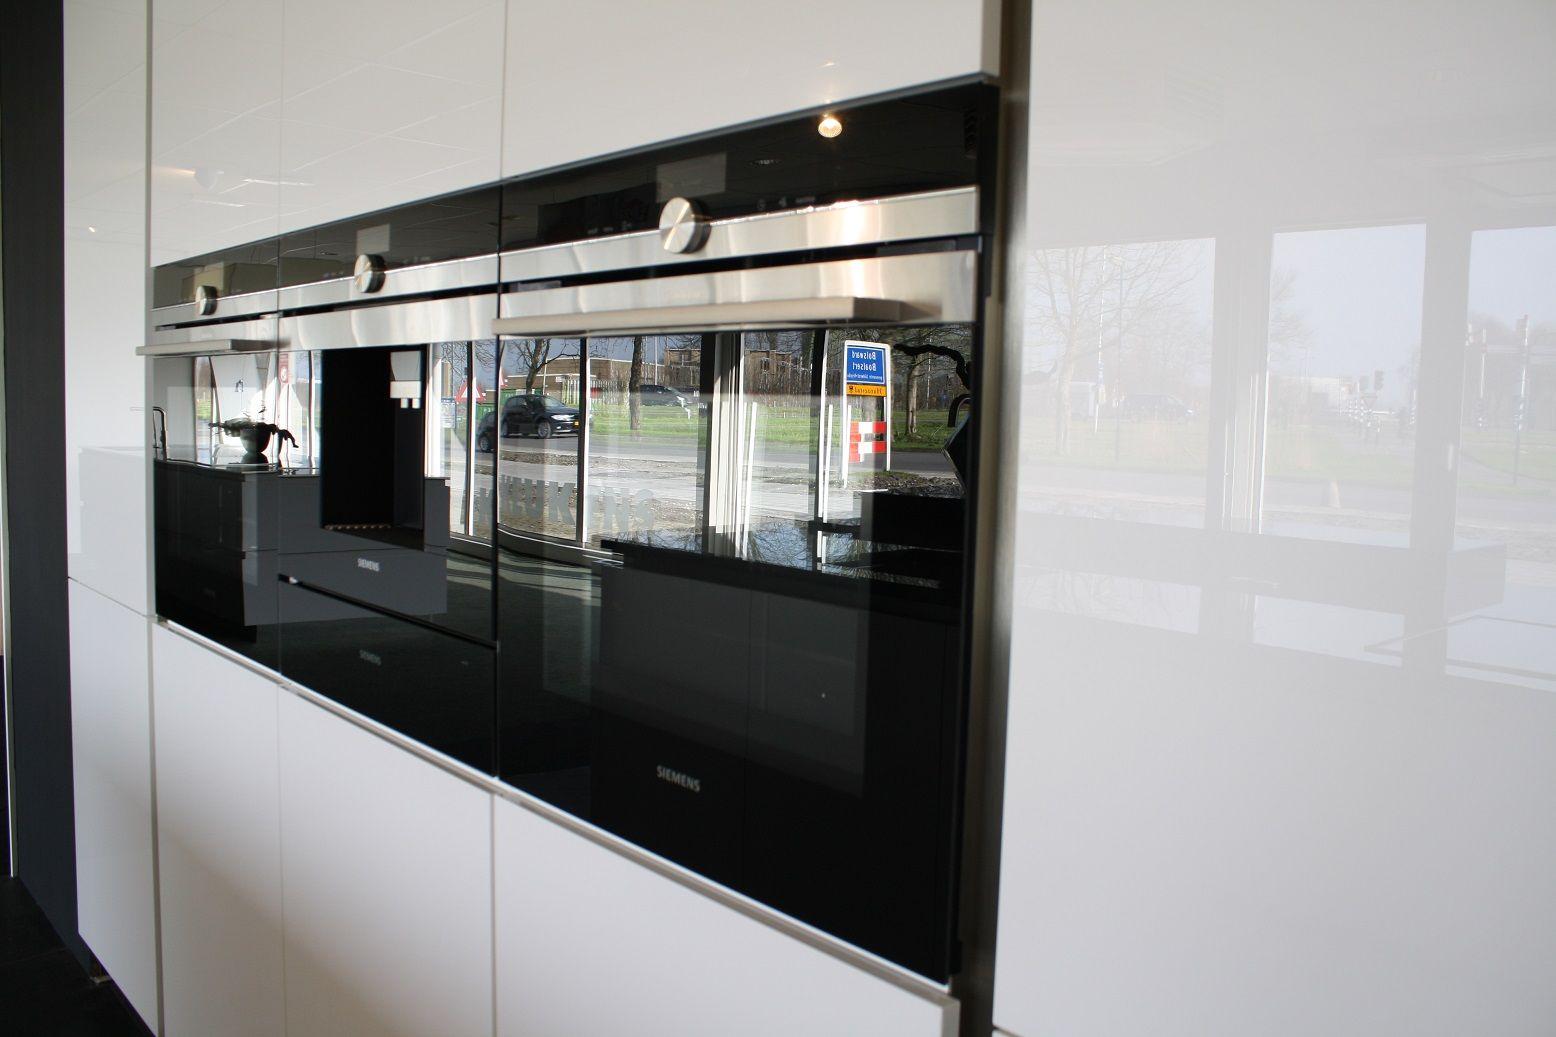 Keuken Lucida met toplijn Siemens apparatuur